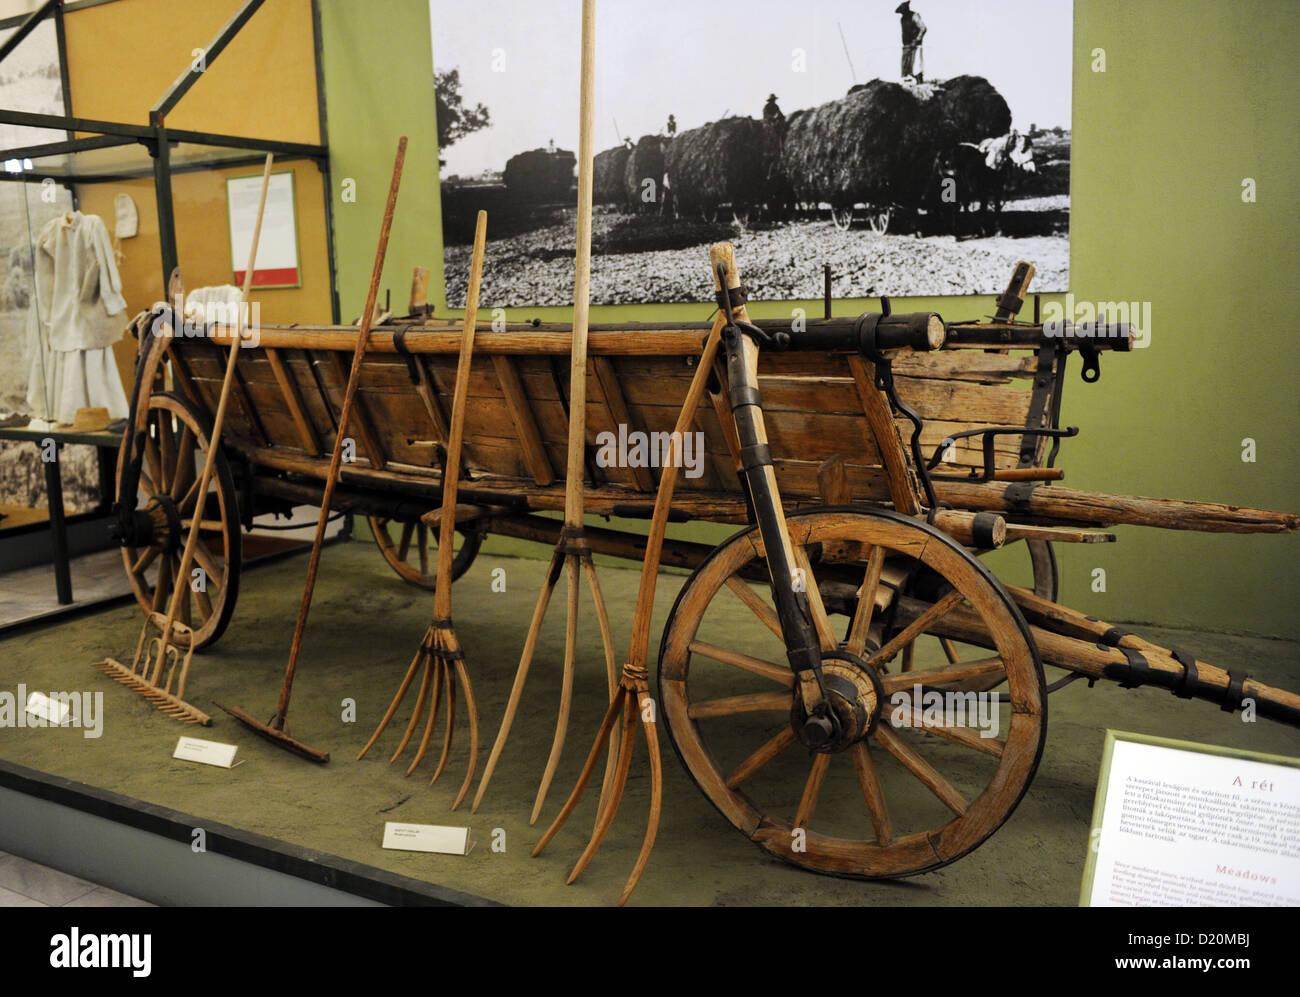 Gli strumenti utilizzati per la raccolta di fieno. Museo etnografico. Budapest. Ungheria. Immagini Stock